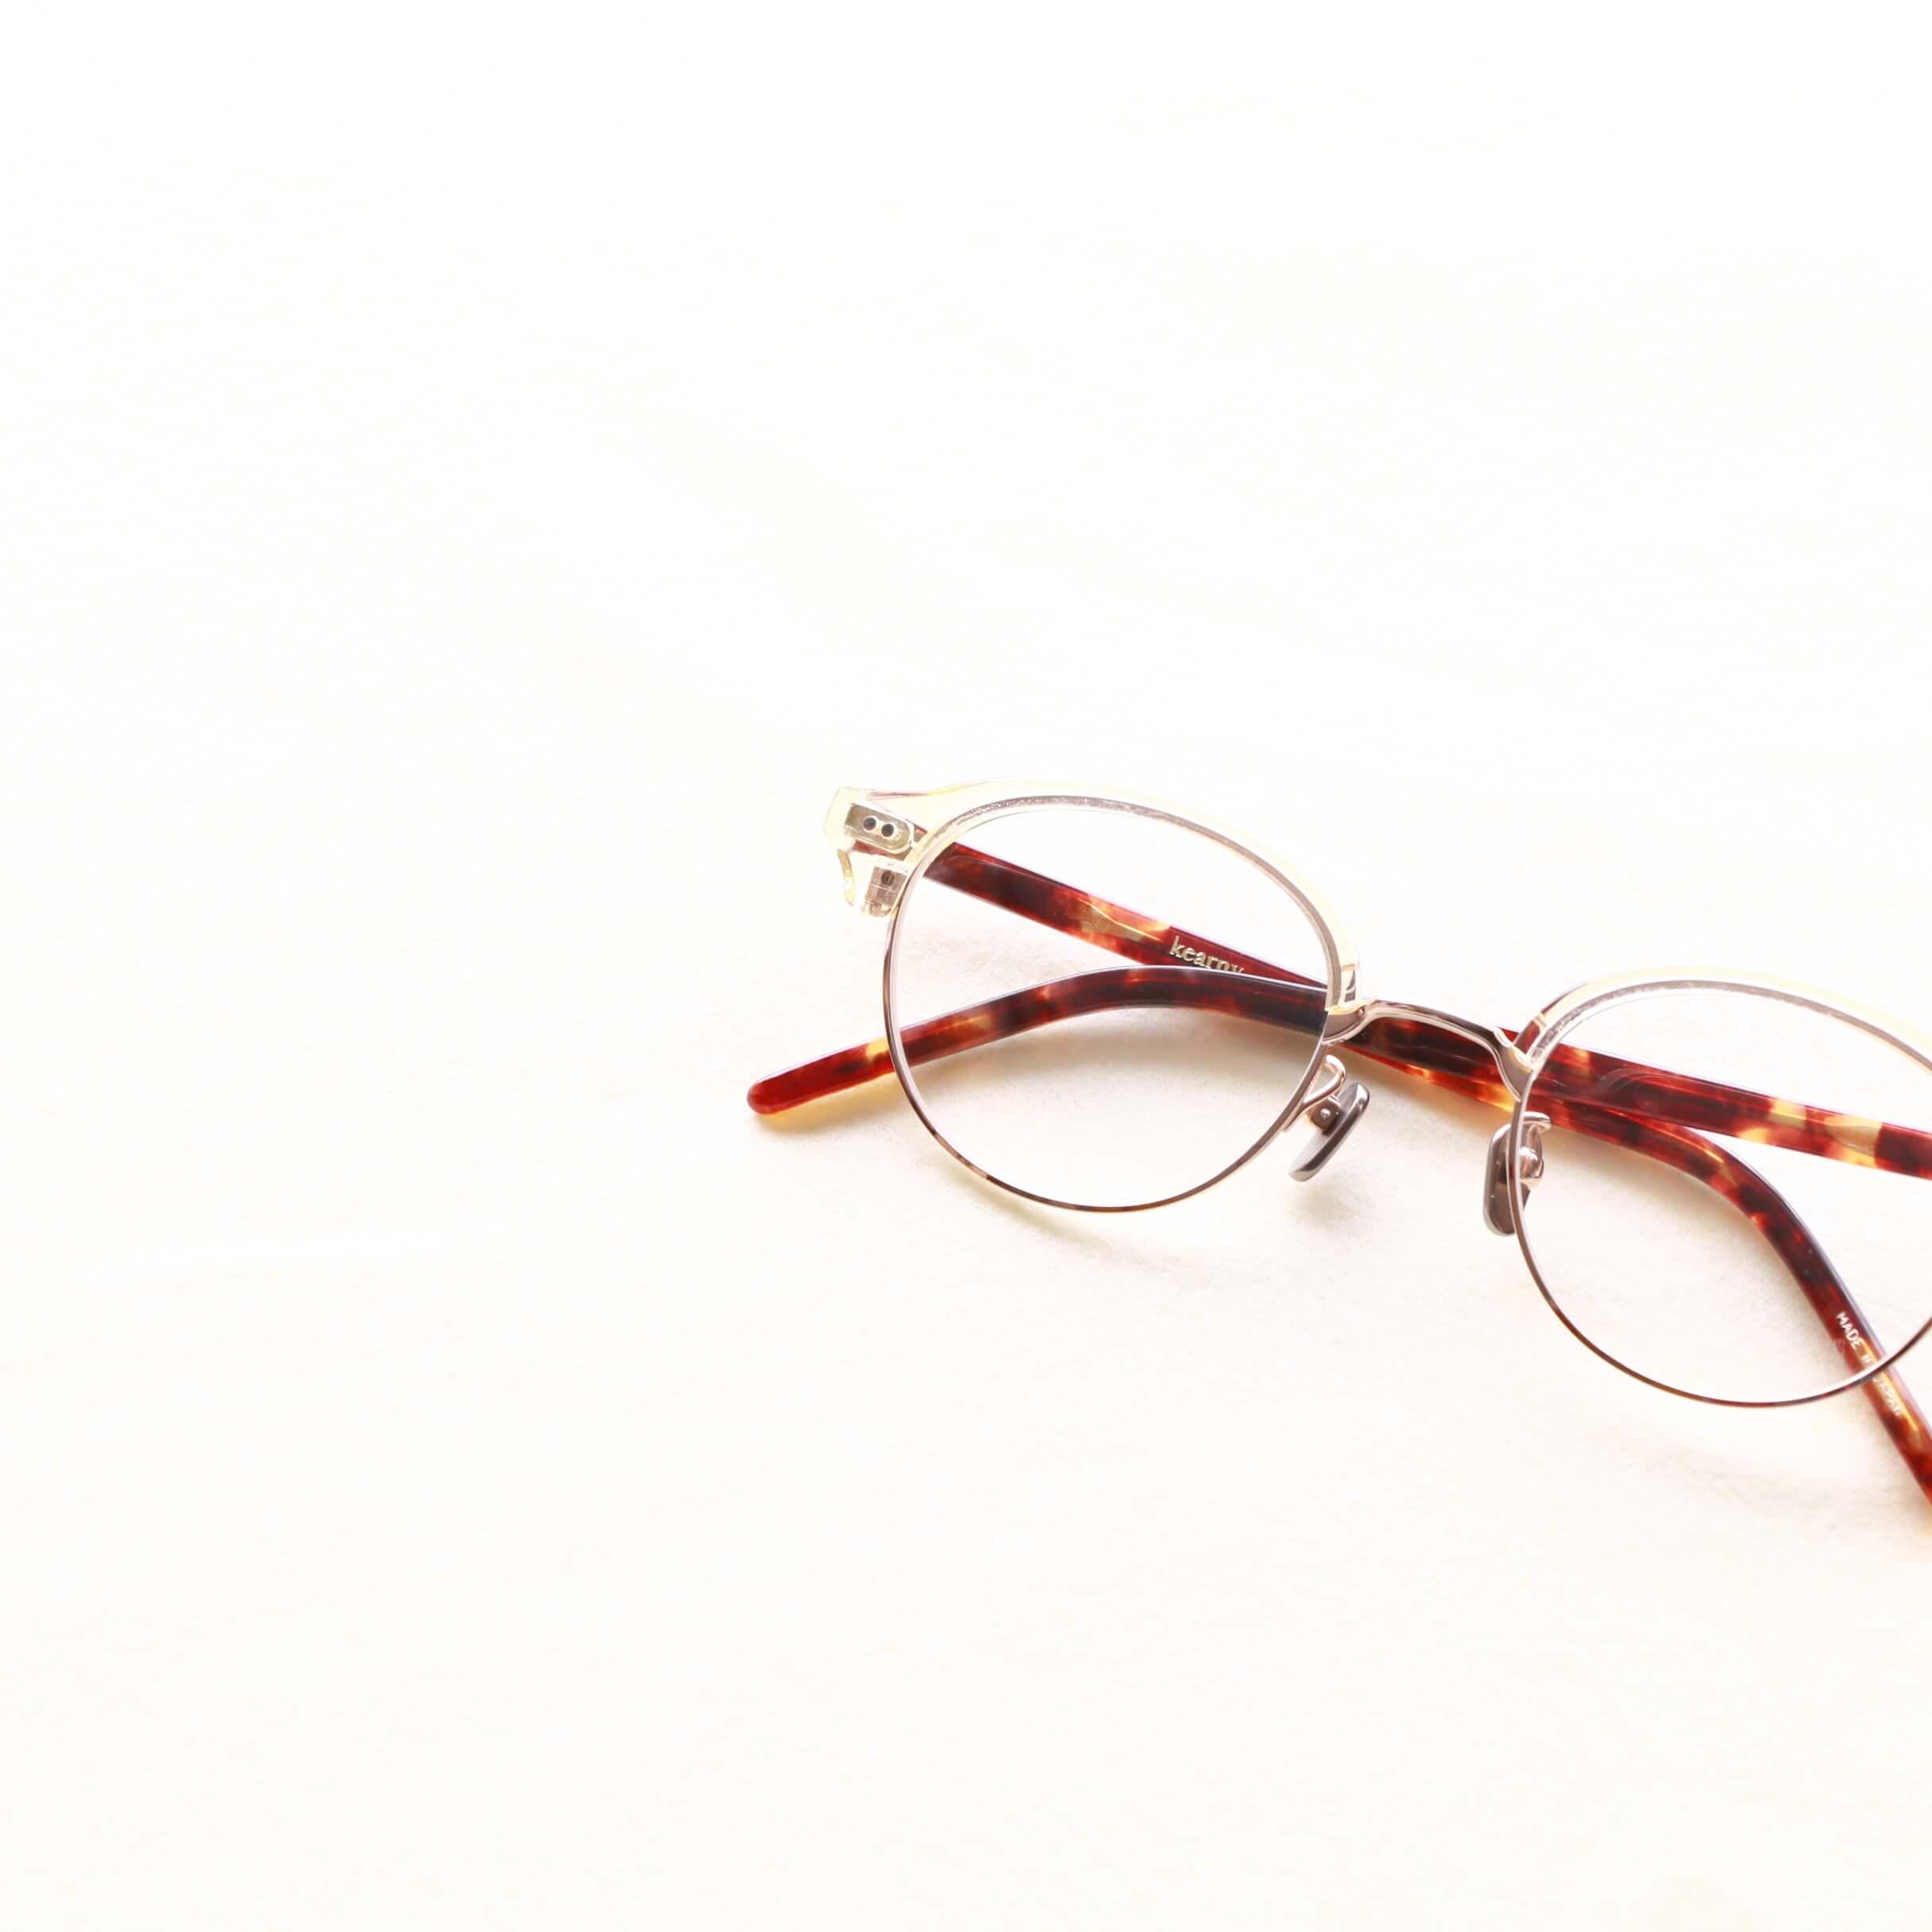 カーニー kearny  sirmont brow サーモントブロー セルロイド眼鏡